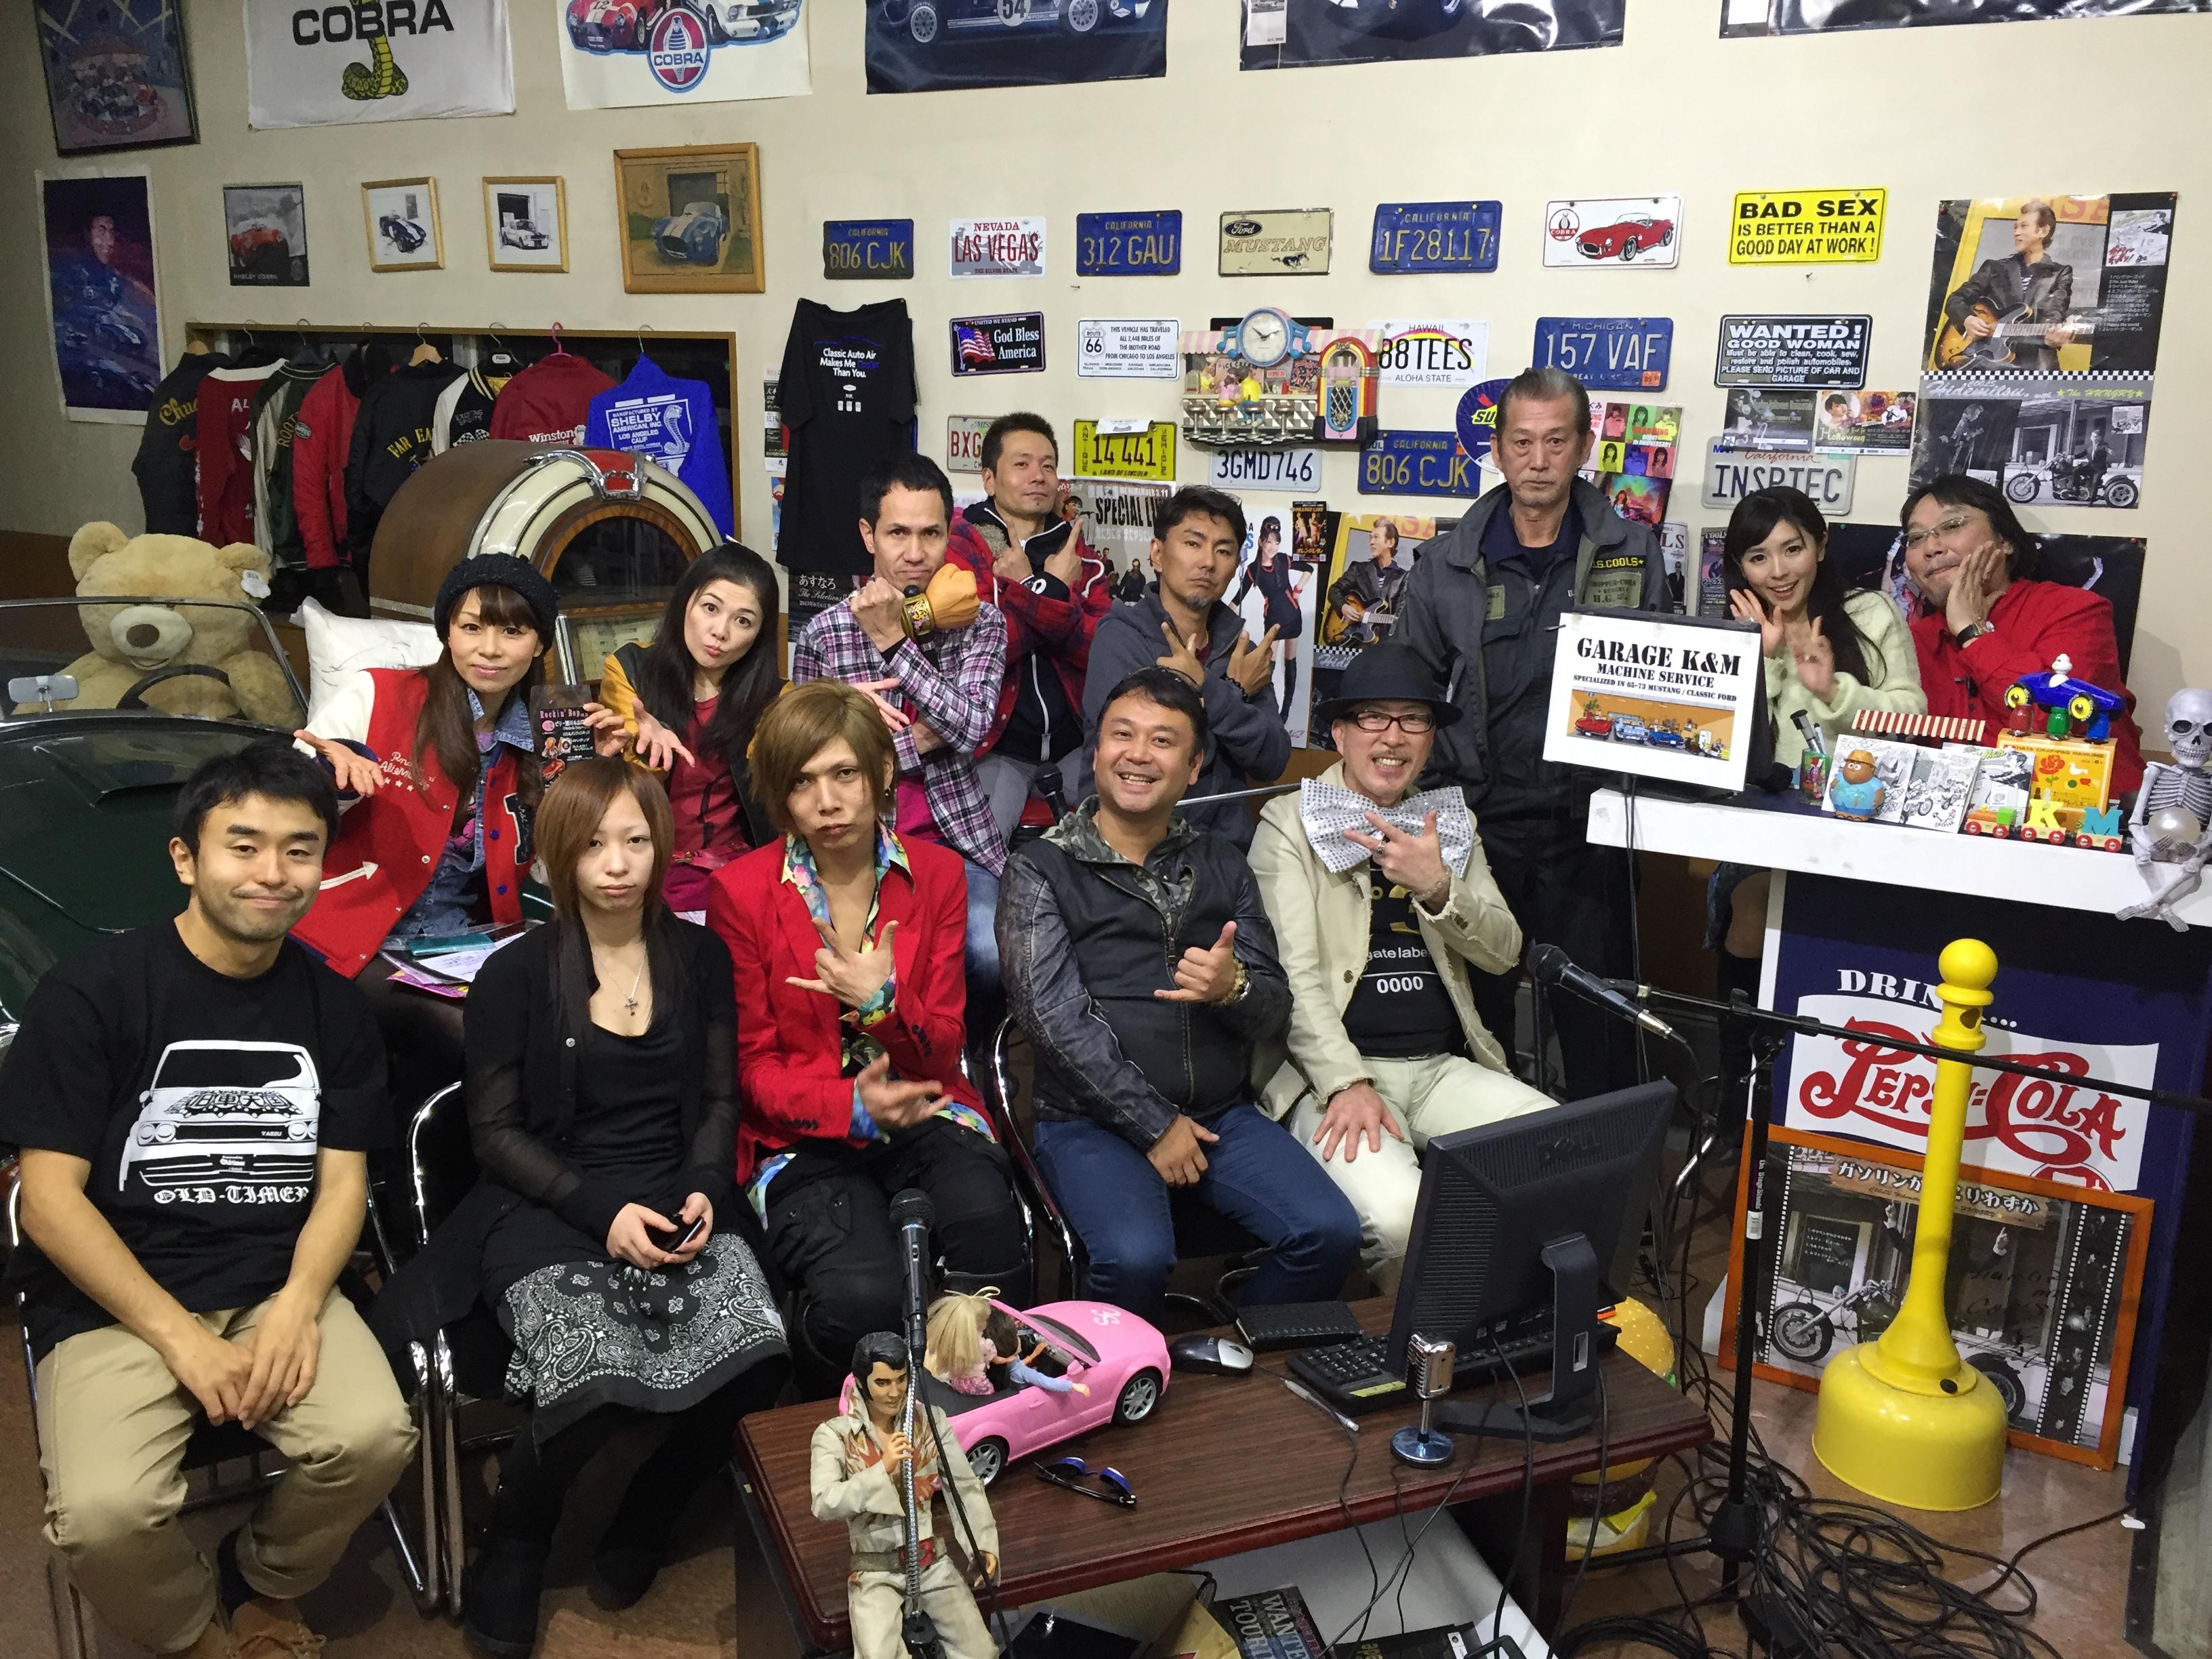 『湾岸ベース』#224(2015年11月19日放送分)